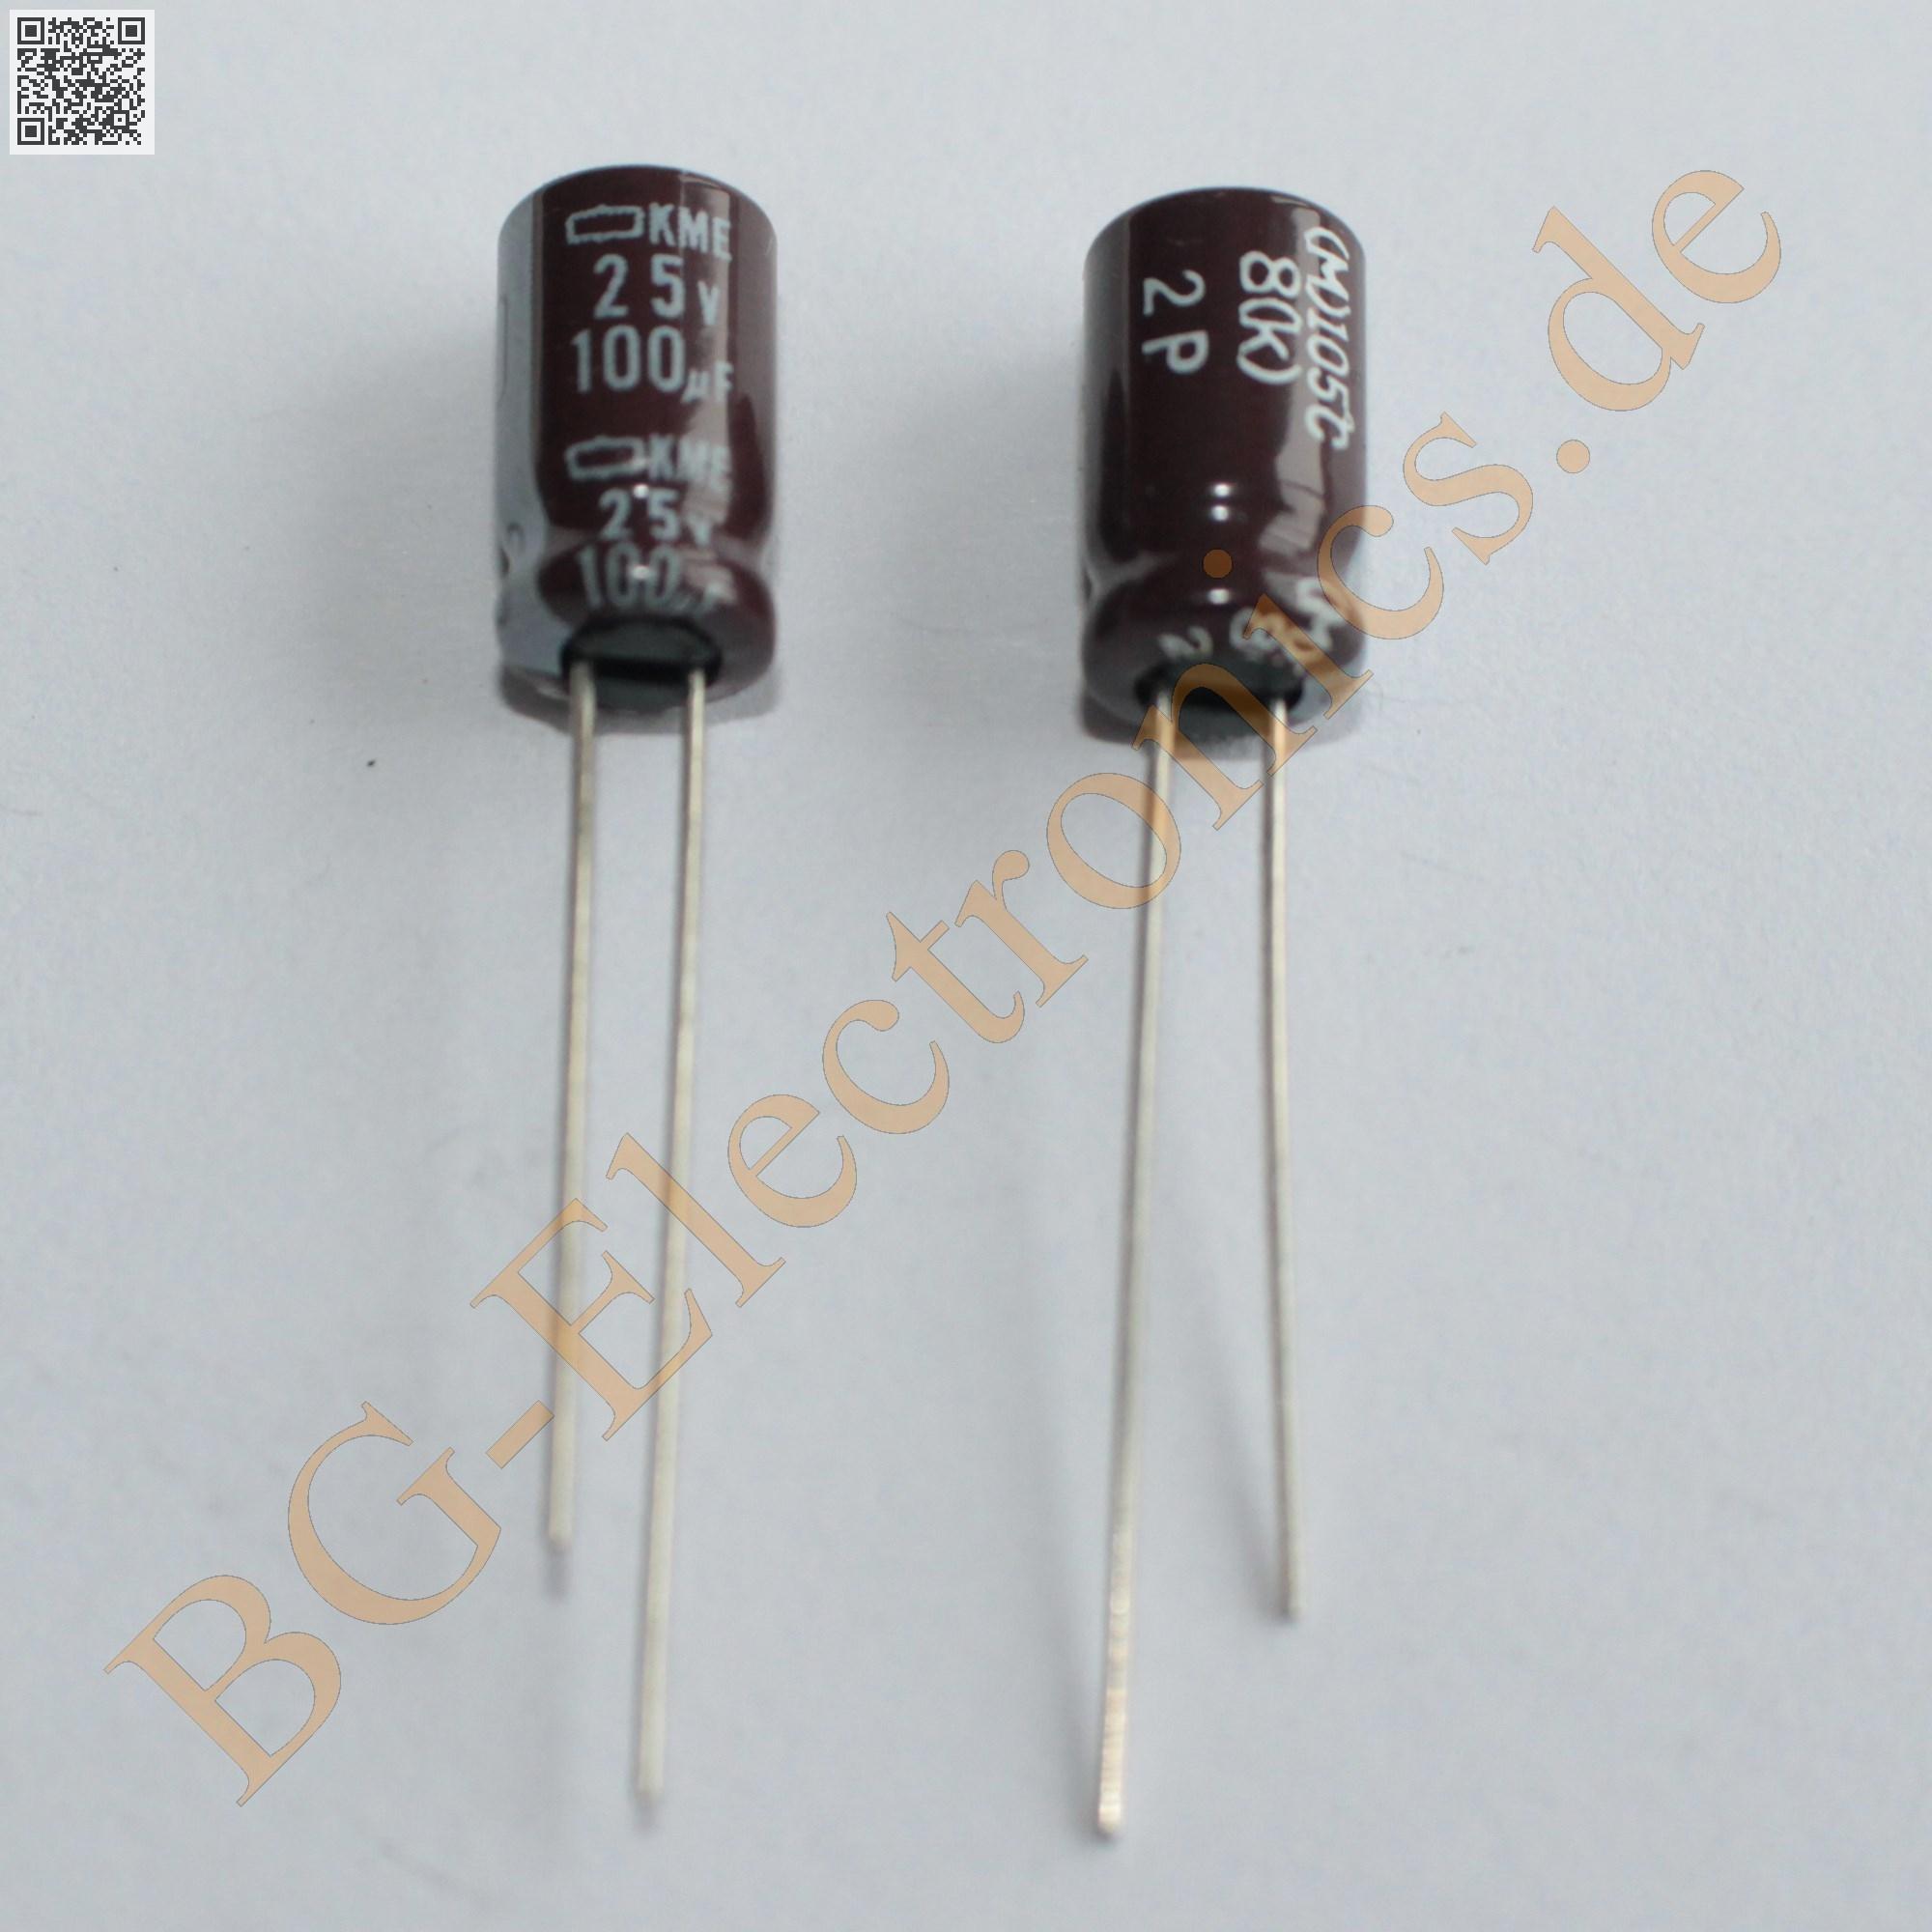 50 x 100 f 100uf 25v 105 rm2 5 elko kondensator capacitor. Black Bedroom Furniture Sets. Home Design Ideas